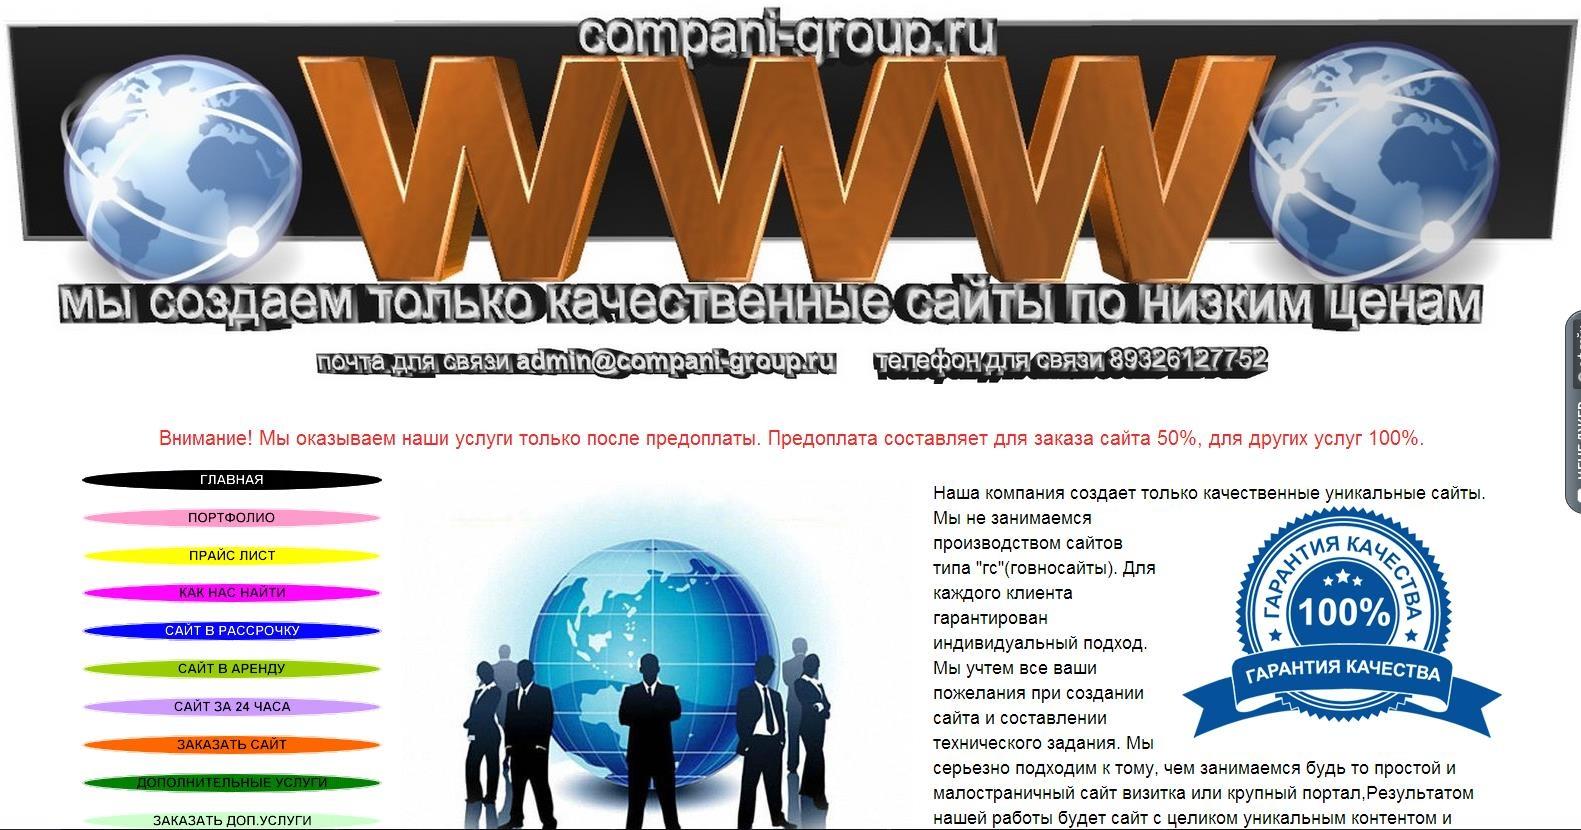 Скриншот сайта compani-group